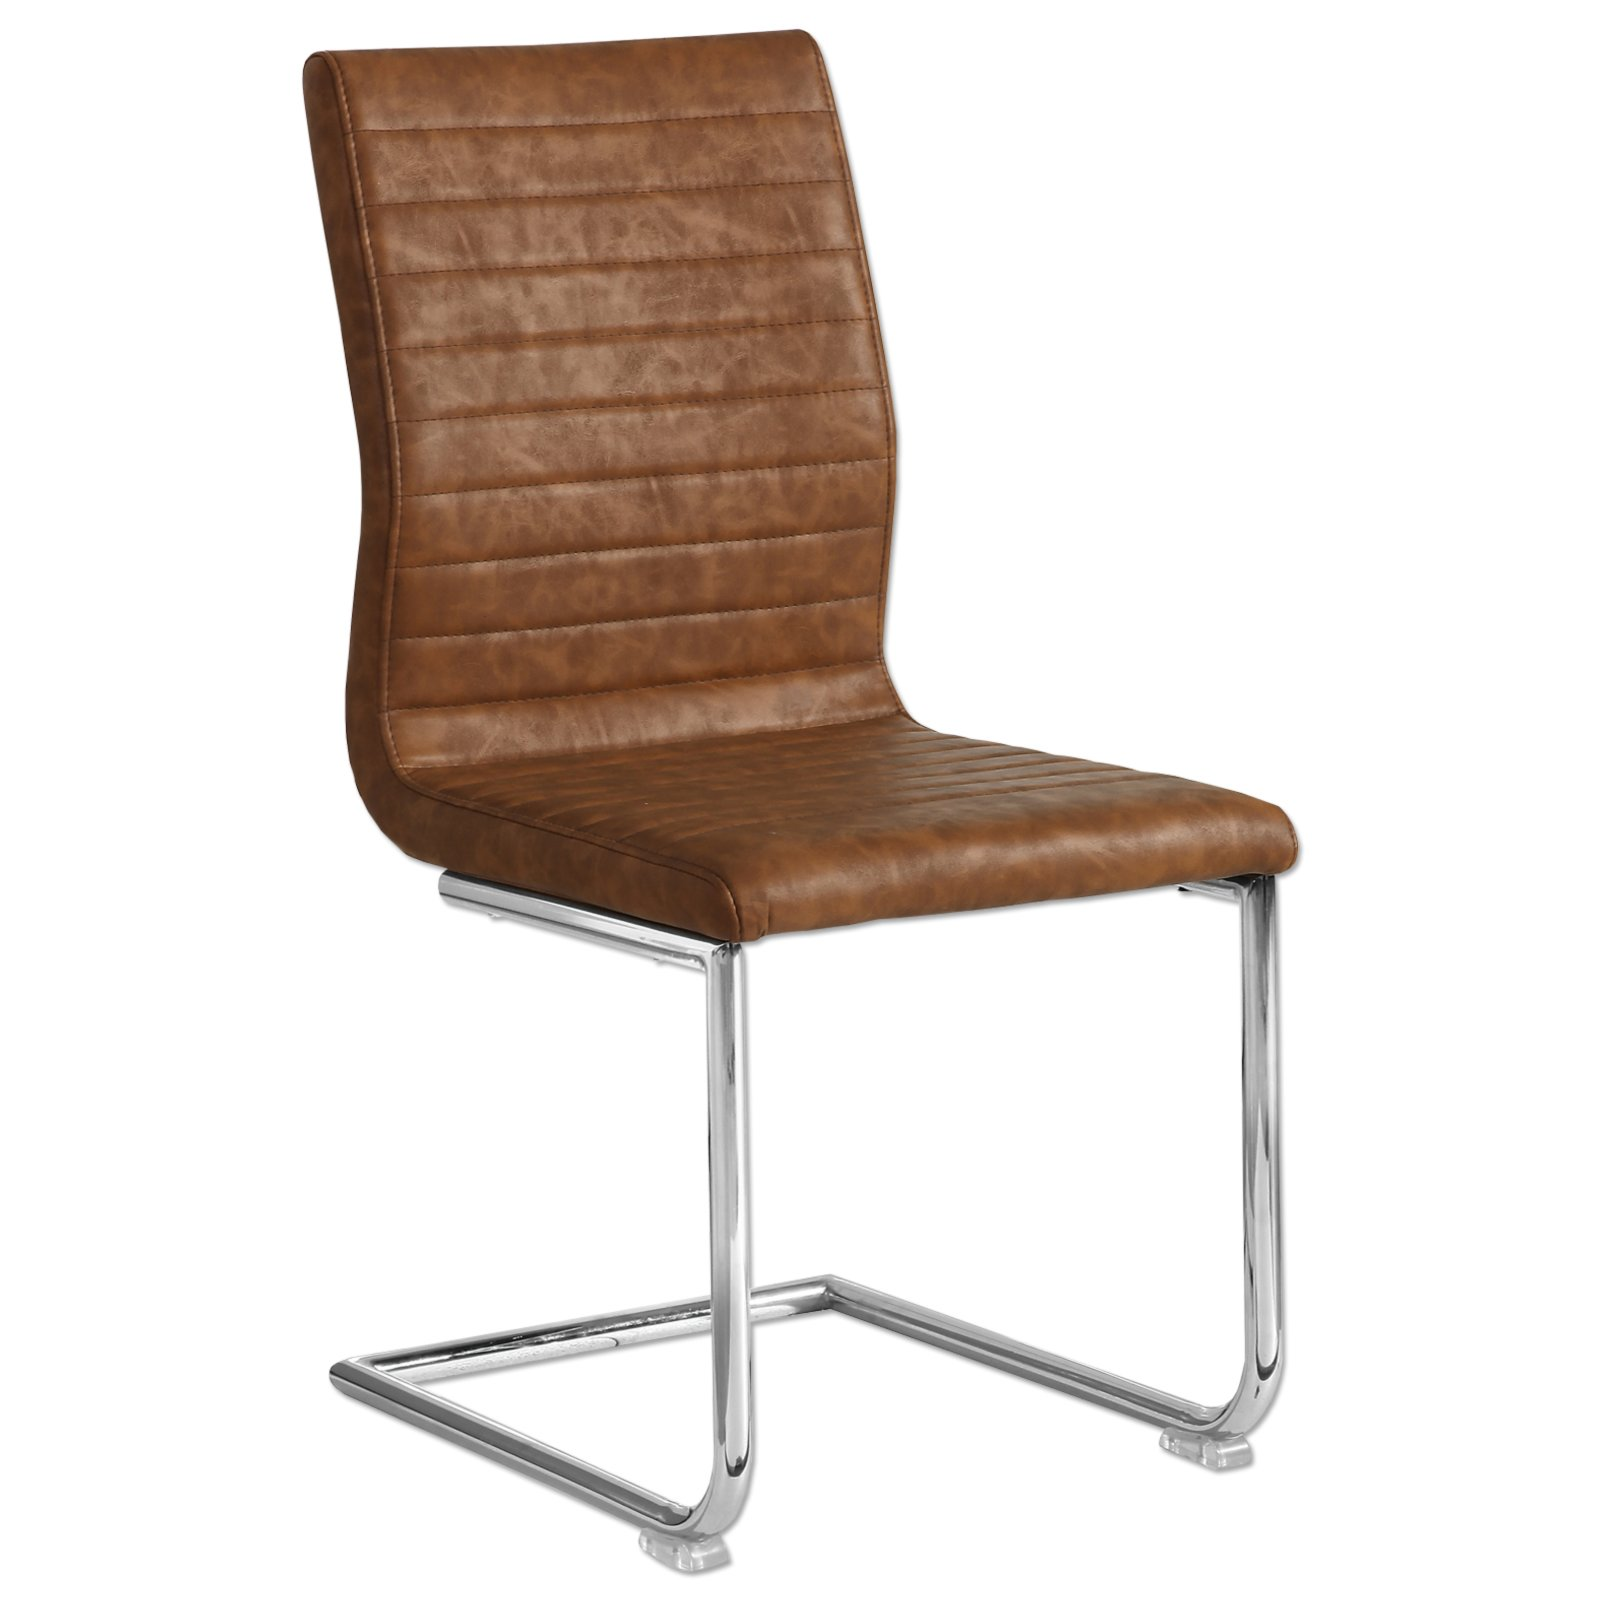 schwinger birmingham chrom braun vintage. Black Bedroom Furniture Sets. Home Design Ideas